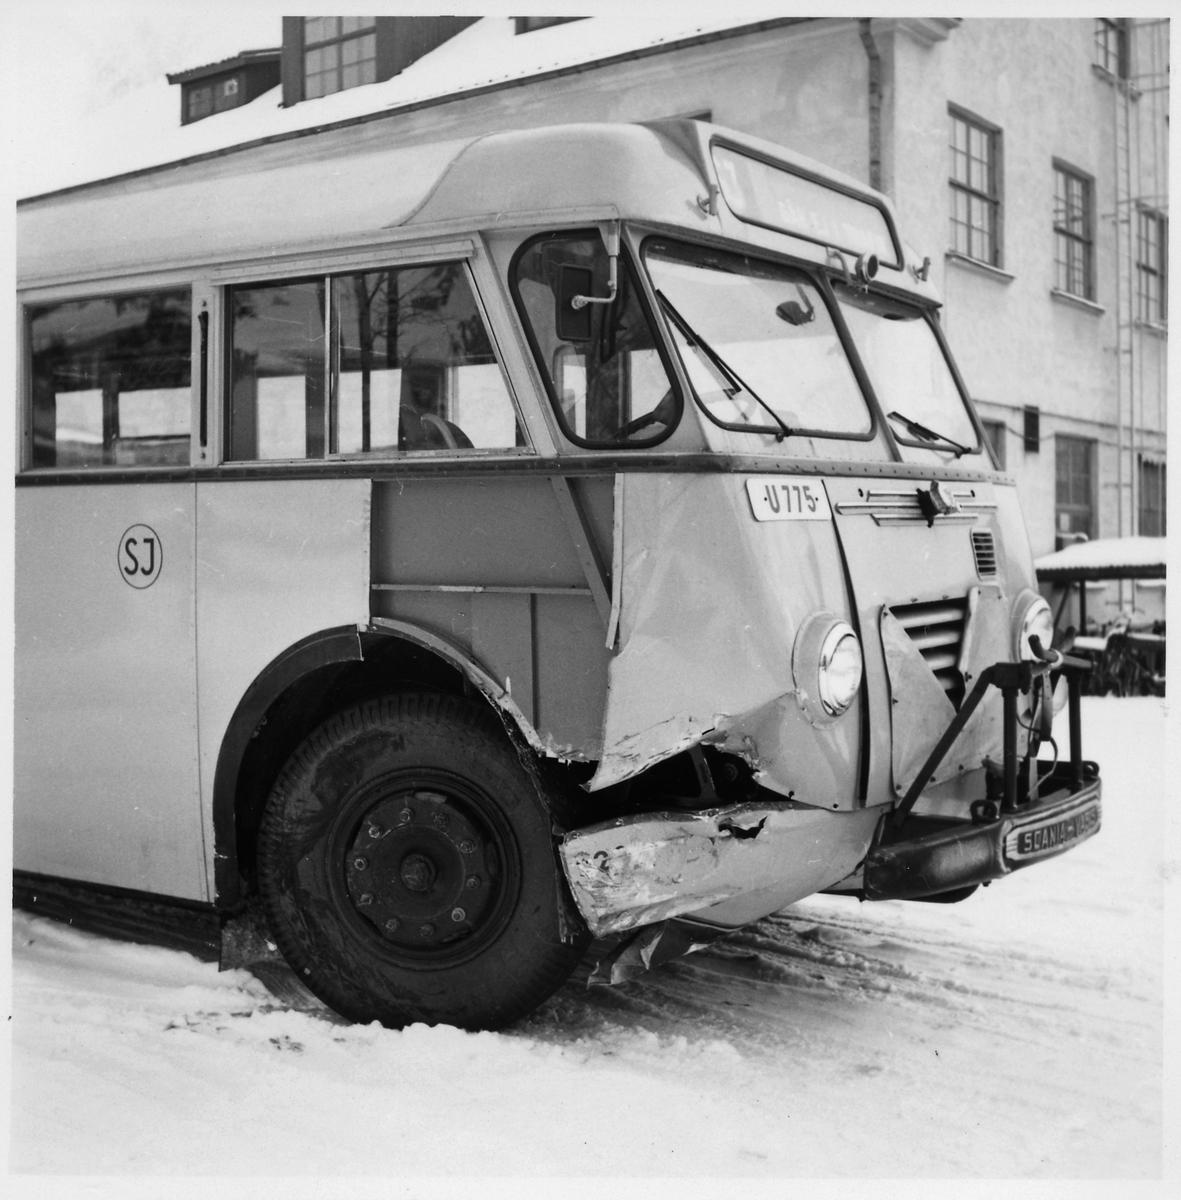 Kollisionsskadad Scania-Vabis B62 väntar på reparation vid Svenska Karosseriverkstäderna, SKV. Statens Järnvägar, SJ buss 2201.